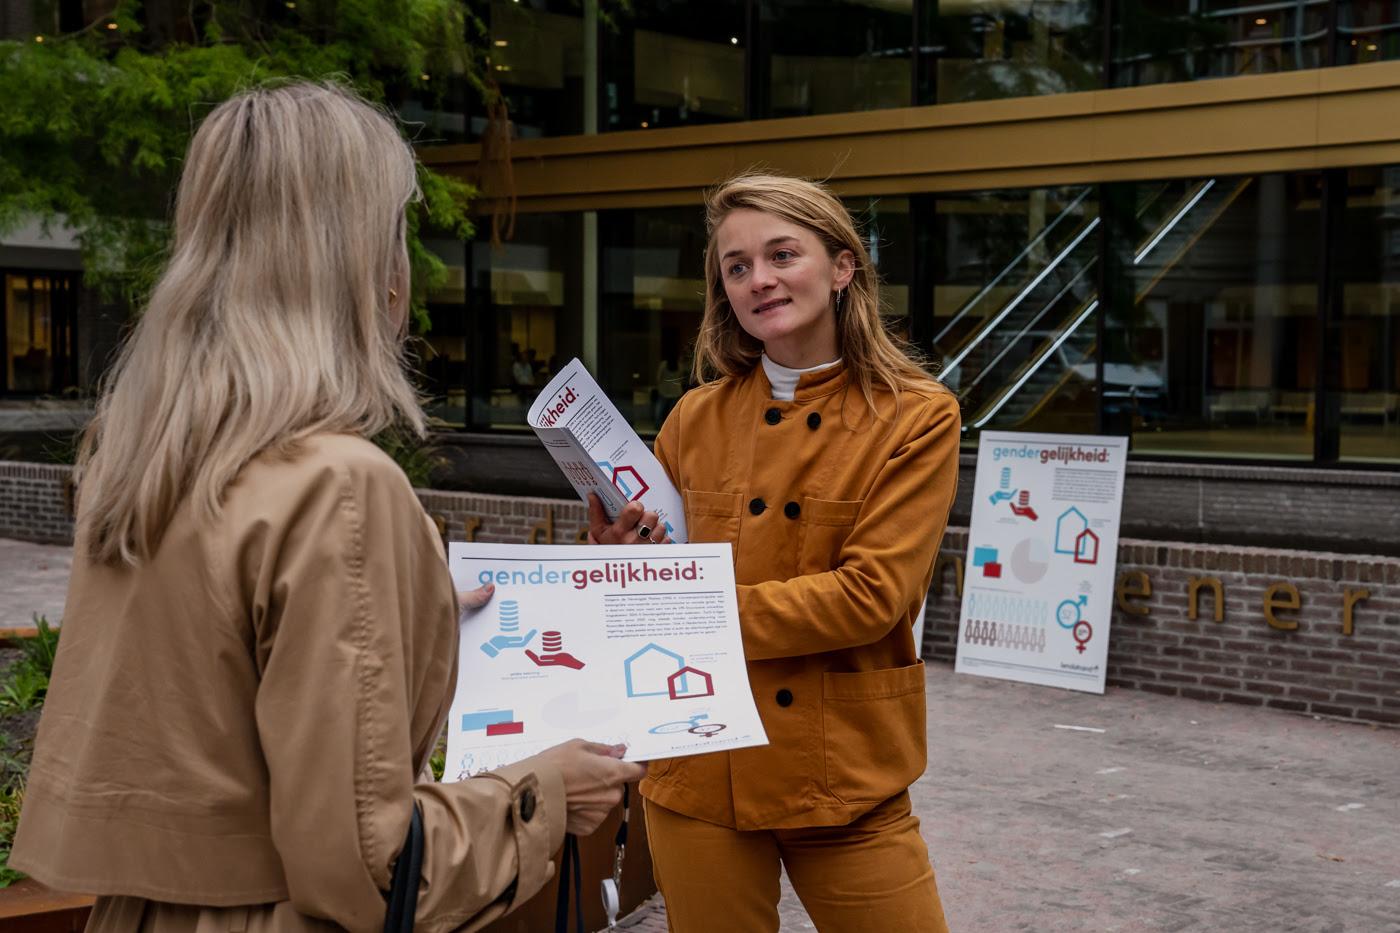 Rotterdams investeringsplatform Lendahand moedigt nieuw kabinet aan om de financieringskloof  tussen mannen en vrouwen te dichten